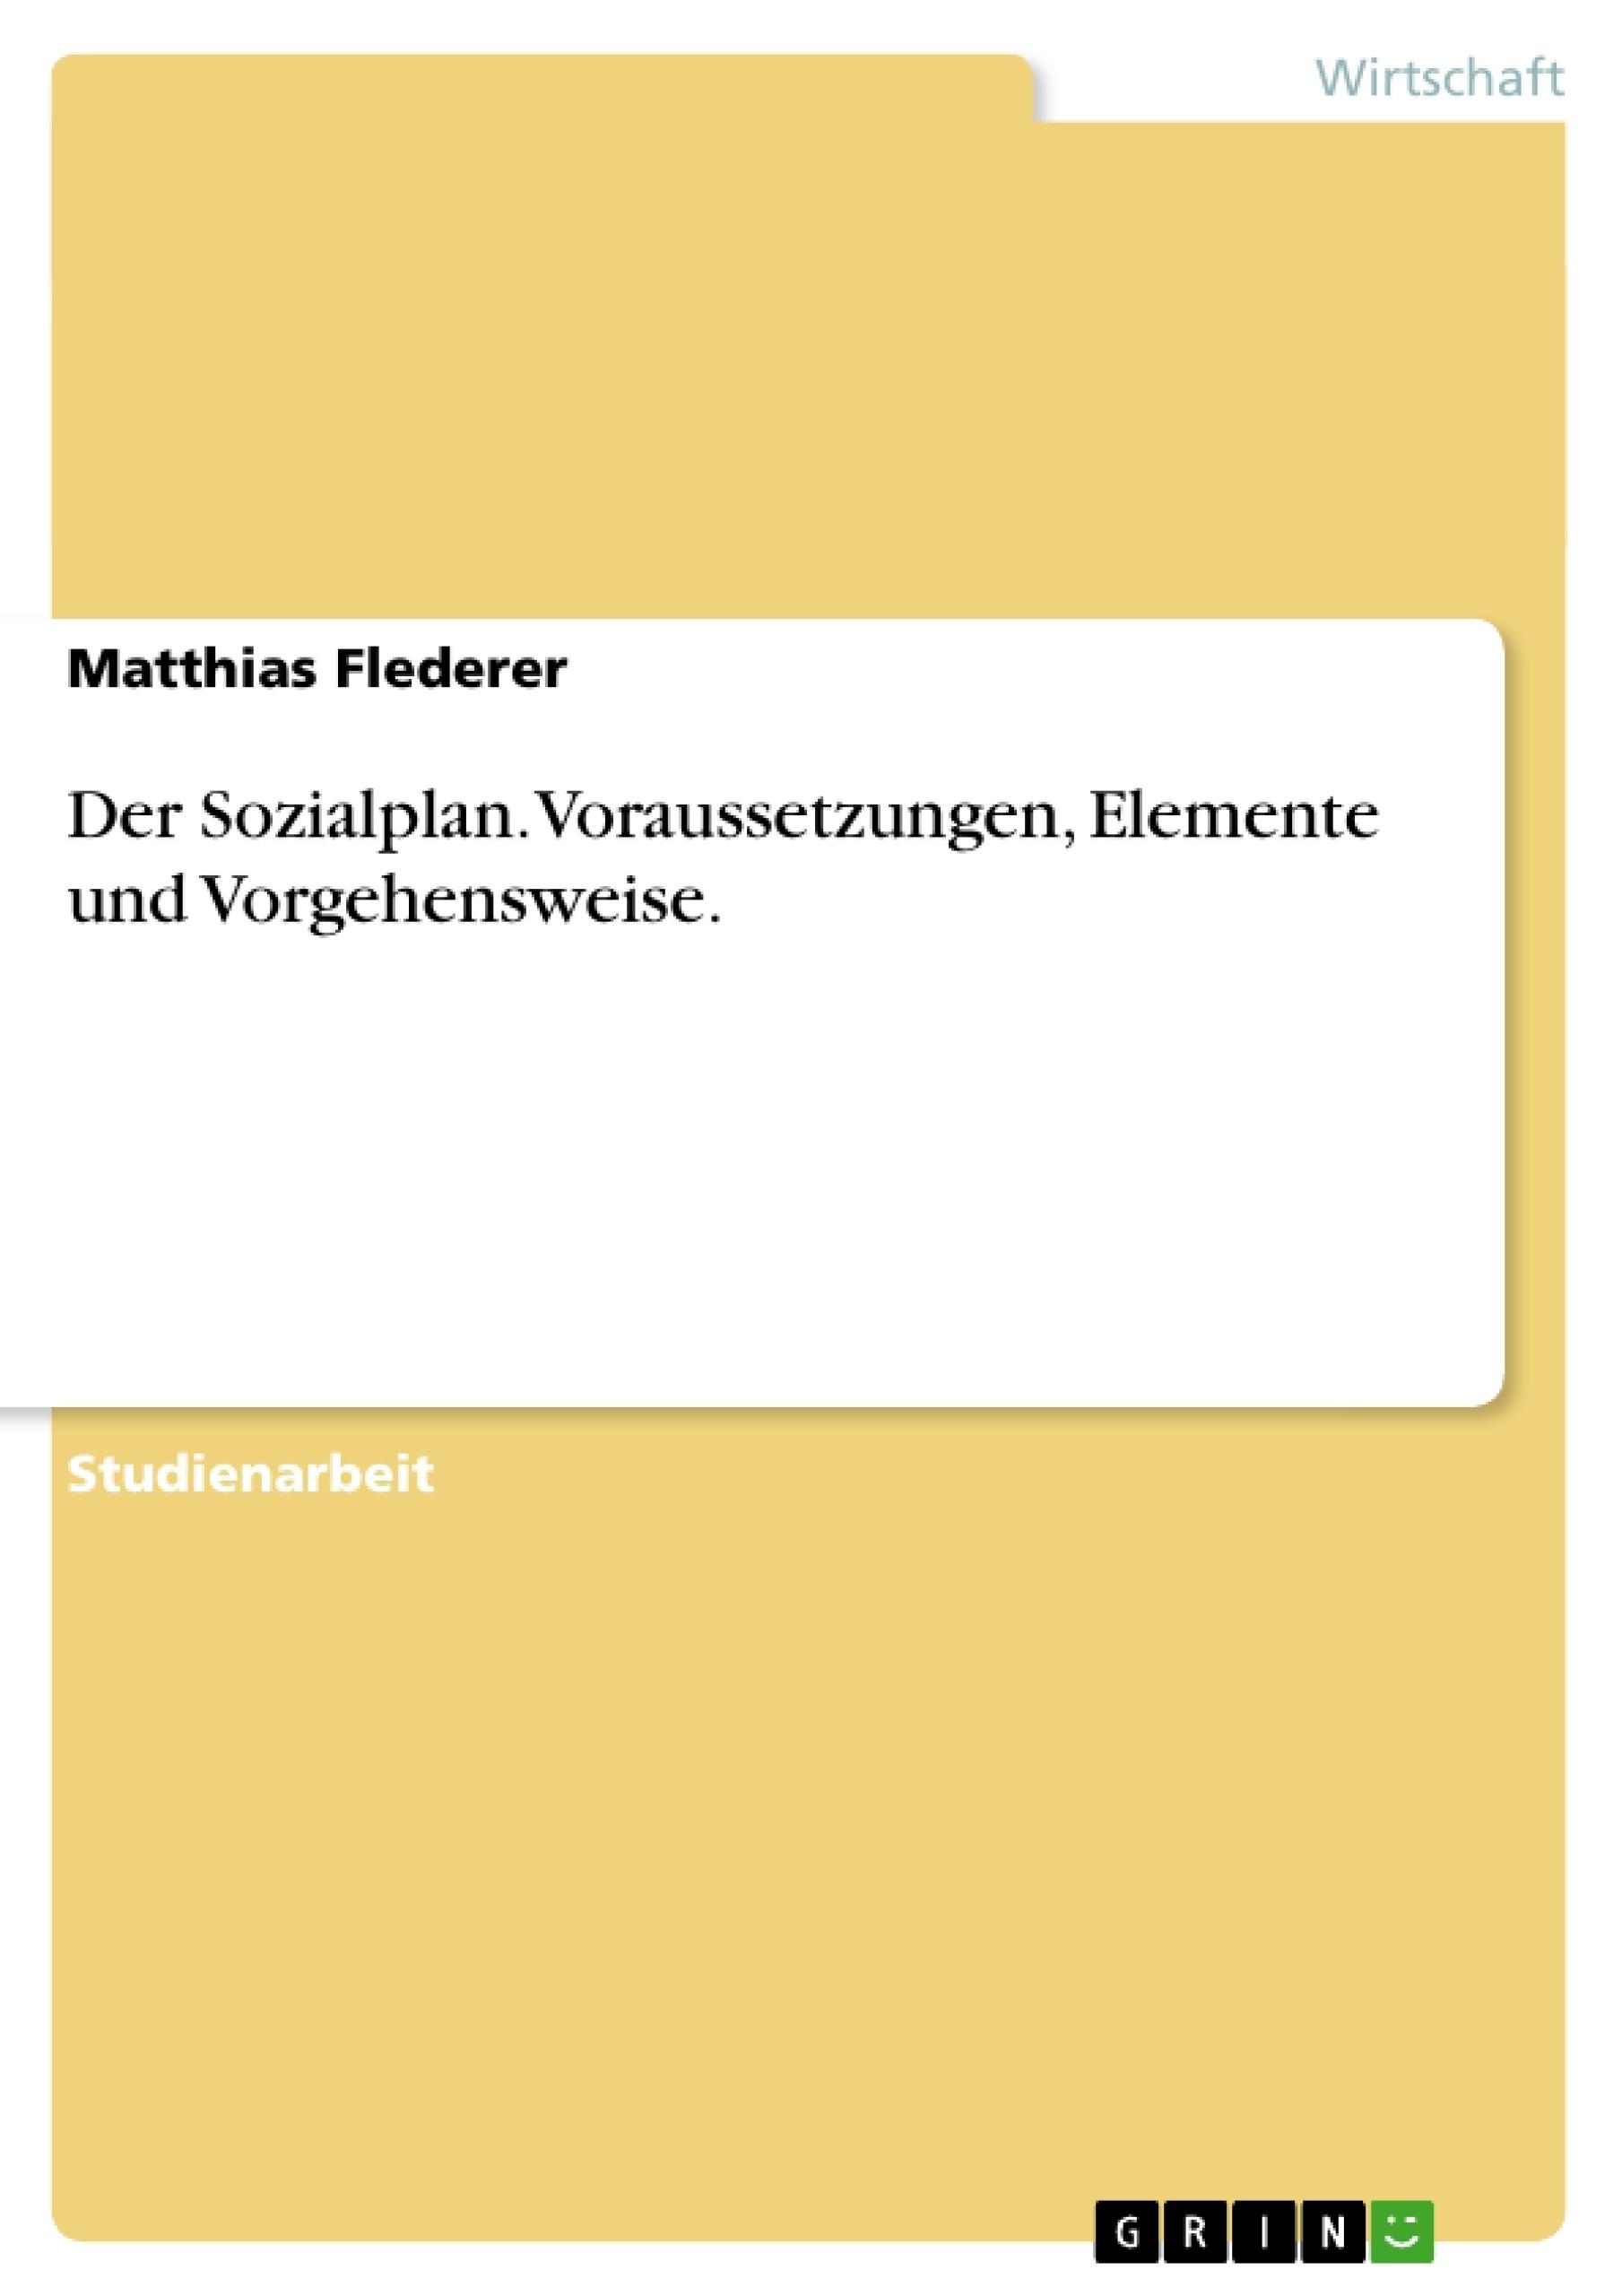 Titel: Der Sozialplan. Voraussetzungen, Elemente und Vorgehensweise.